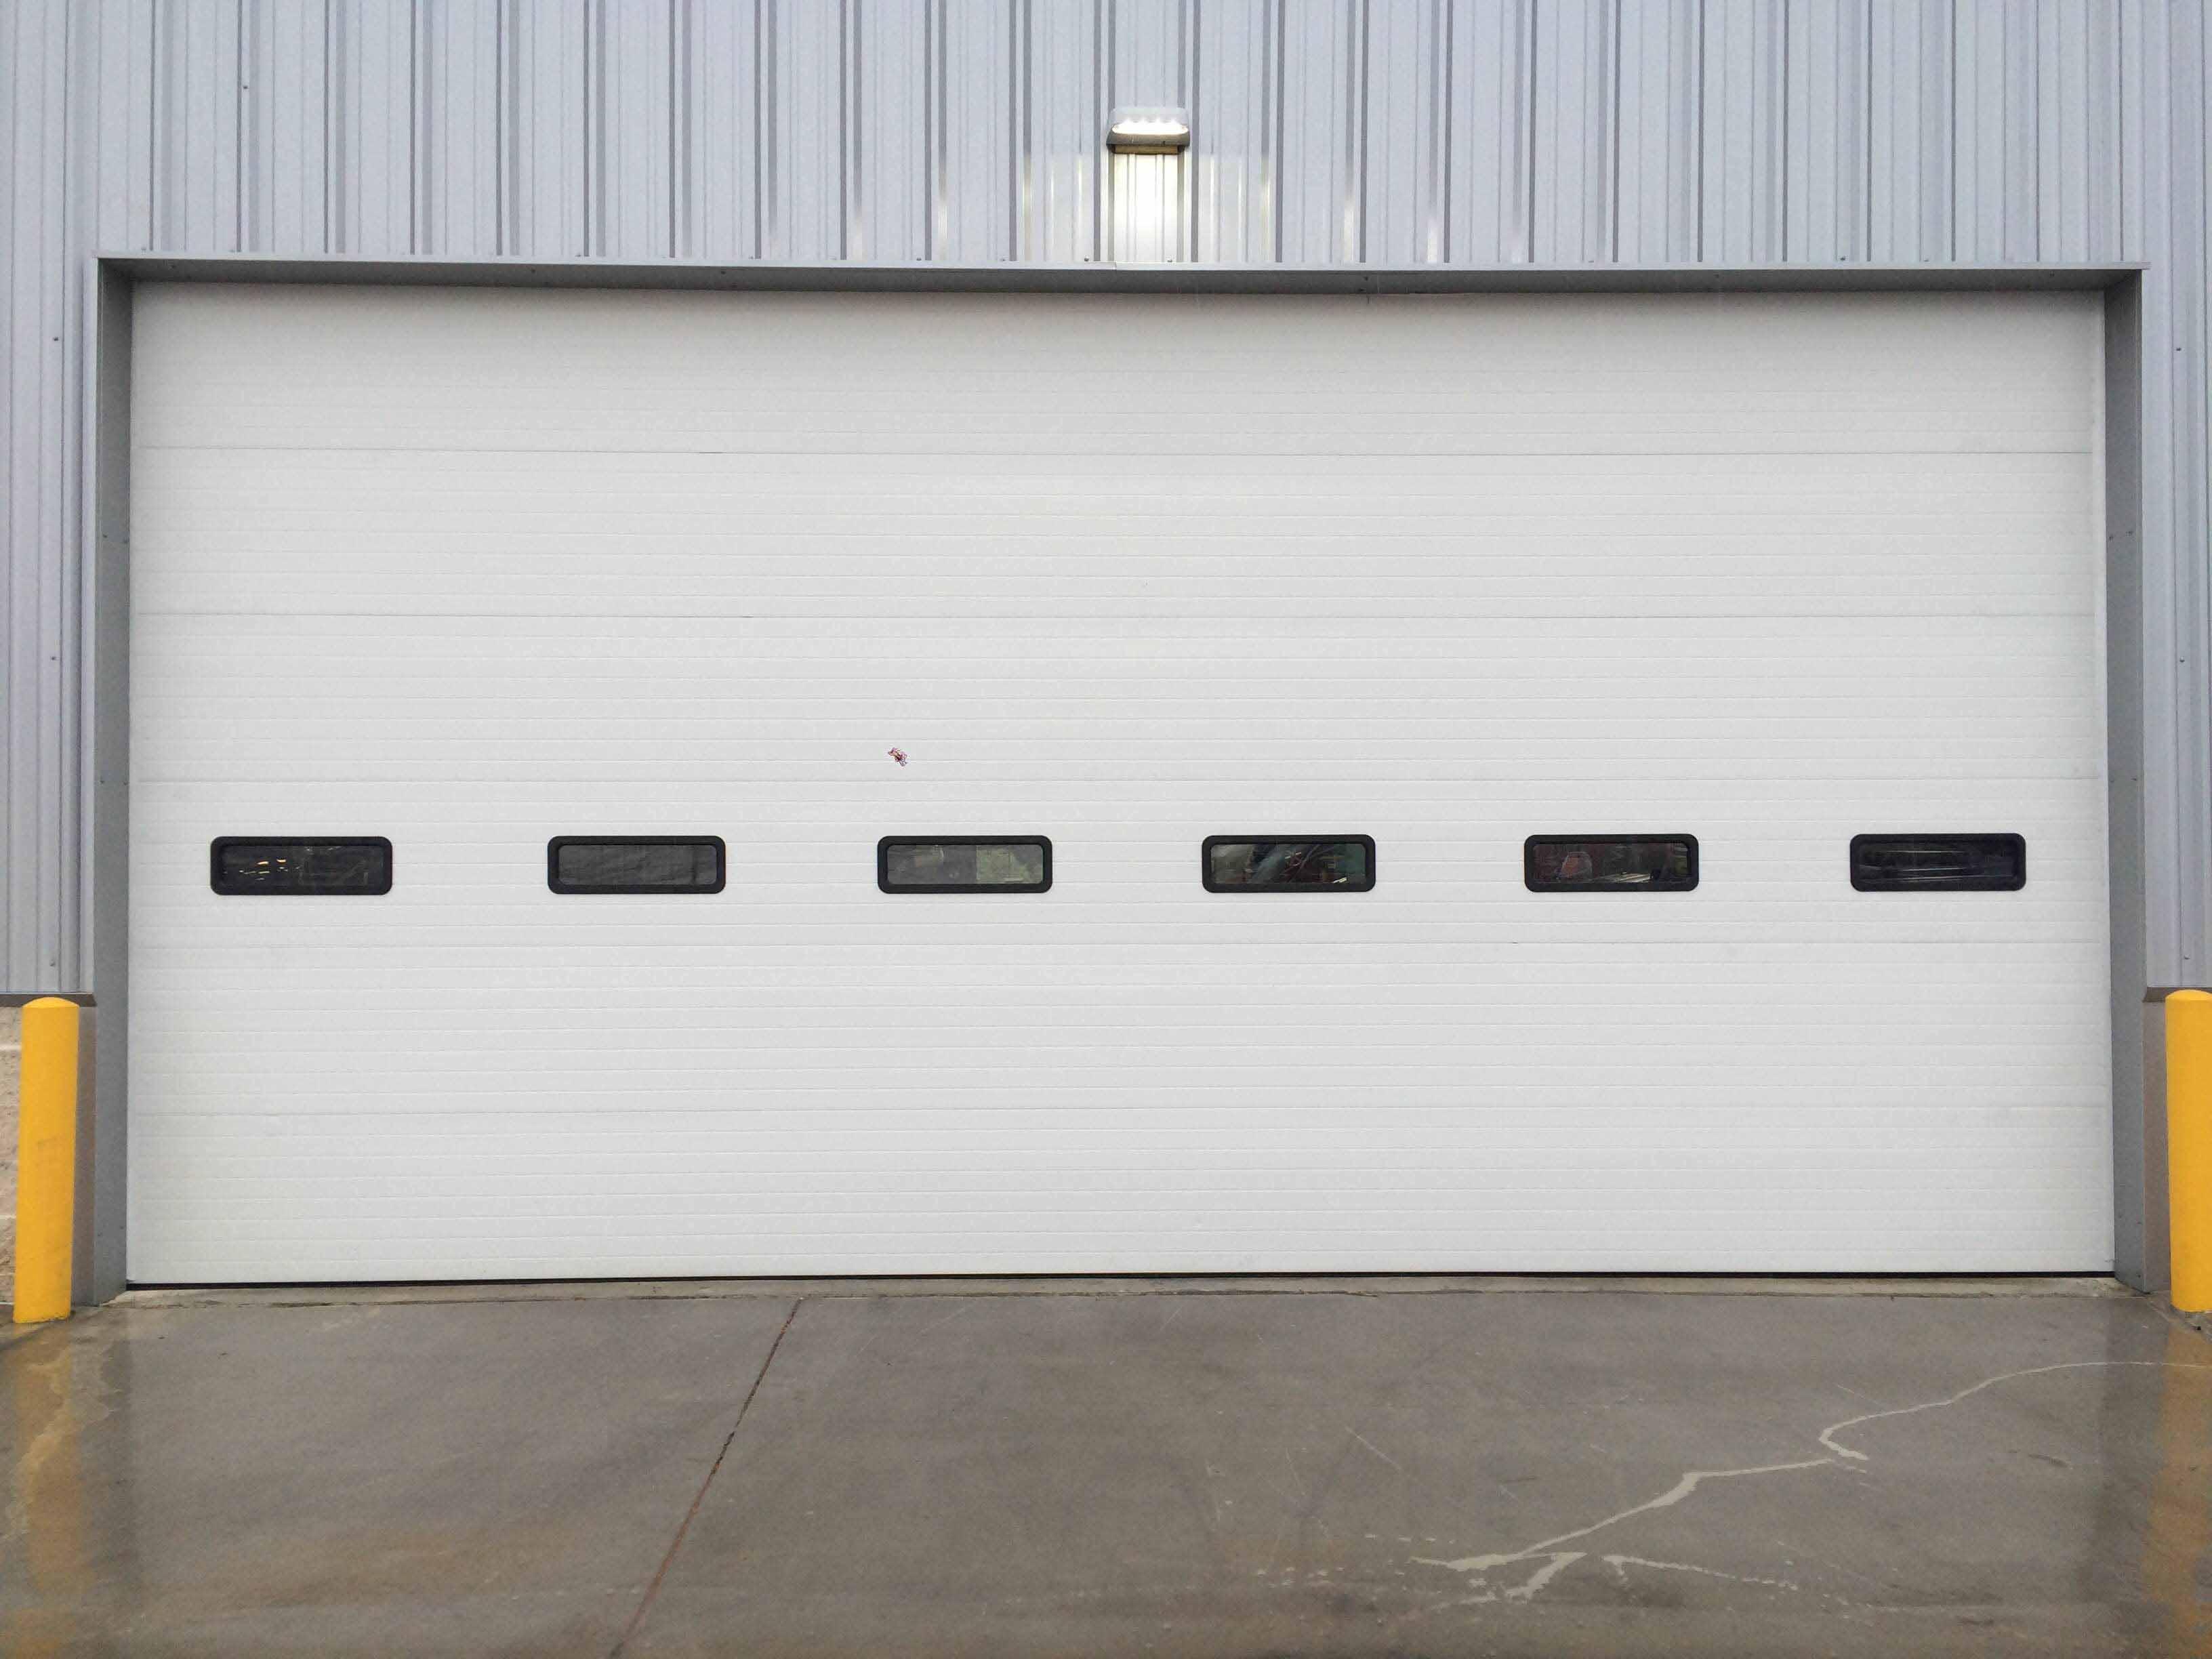 Mac Haik Nissan Corinth Tx Completed 2016